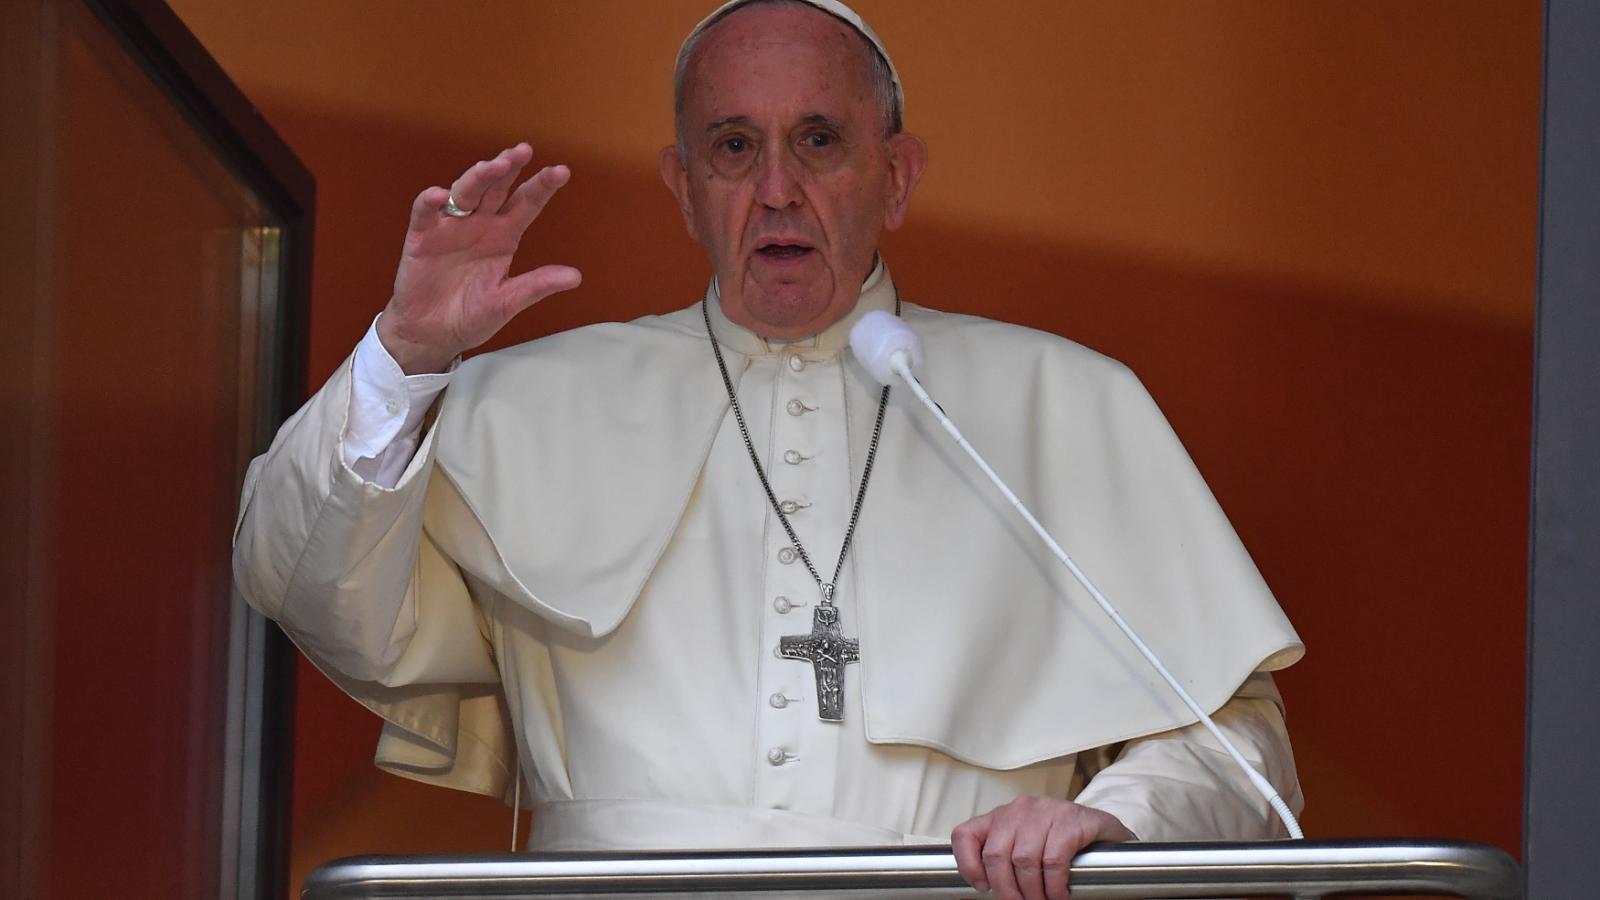 Papež káže z takzvaného papežského okénka v Krakově